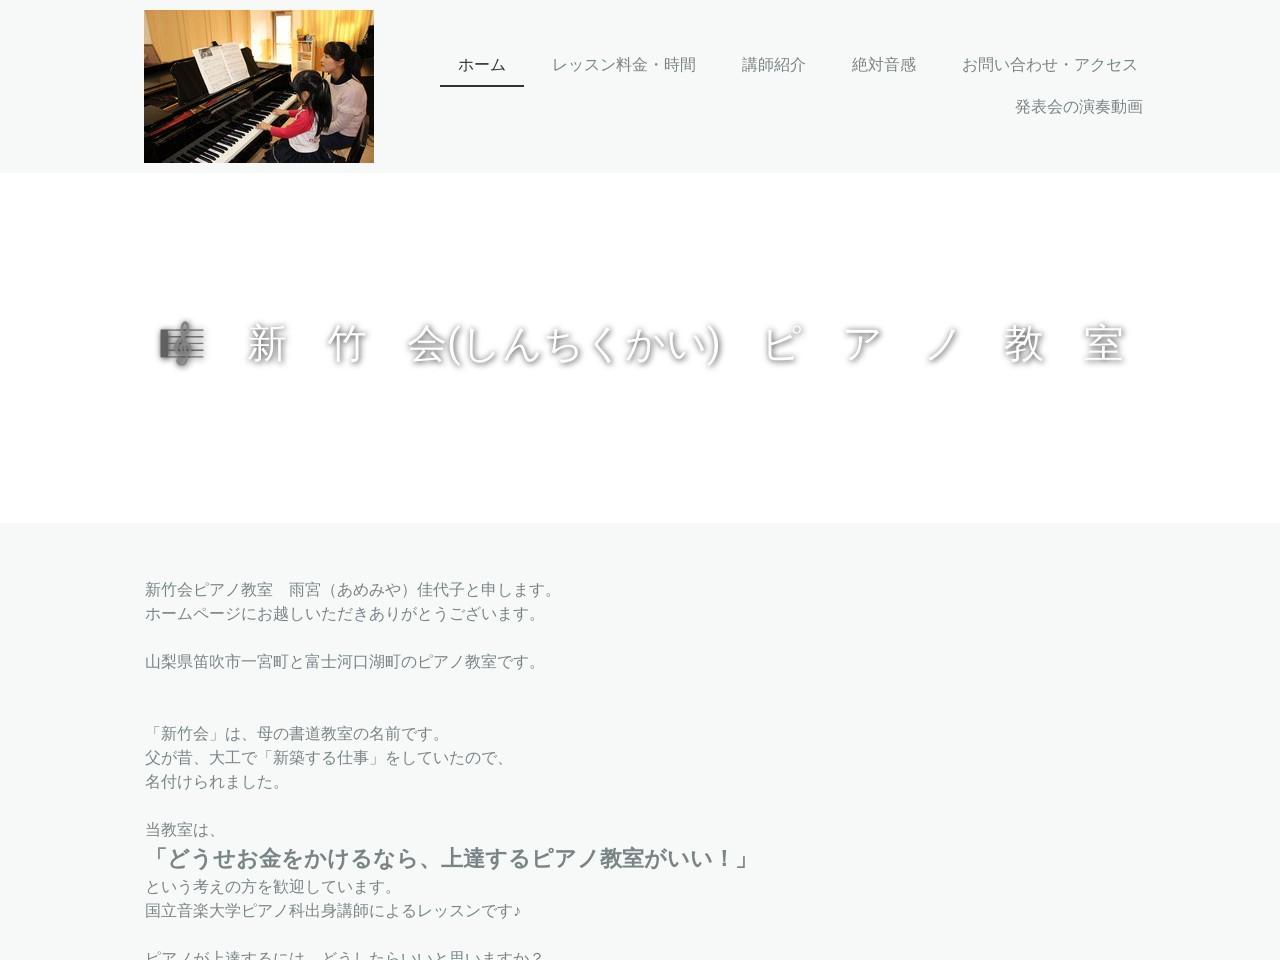 新竹会ピアノ教室のサムネイル